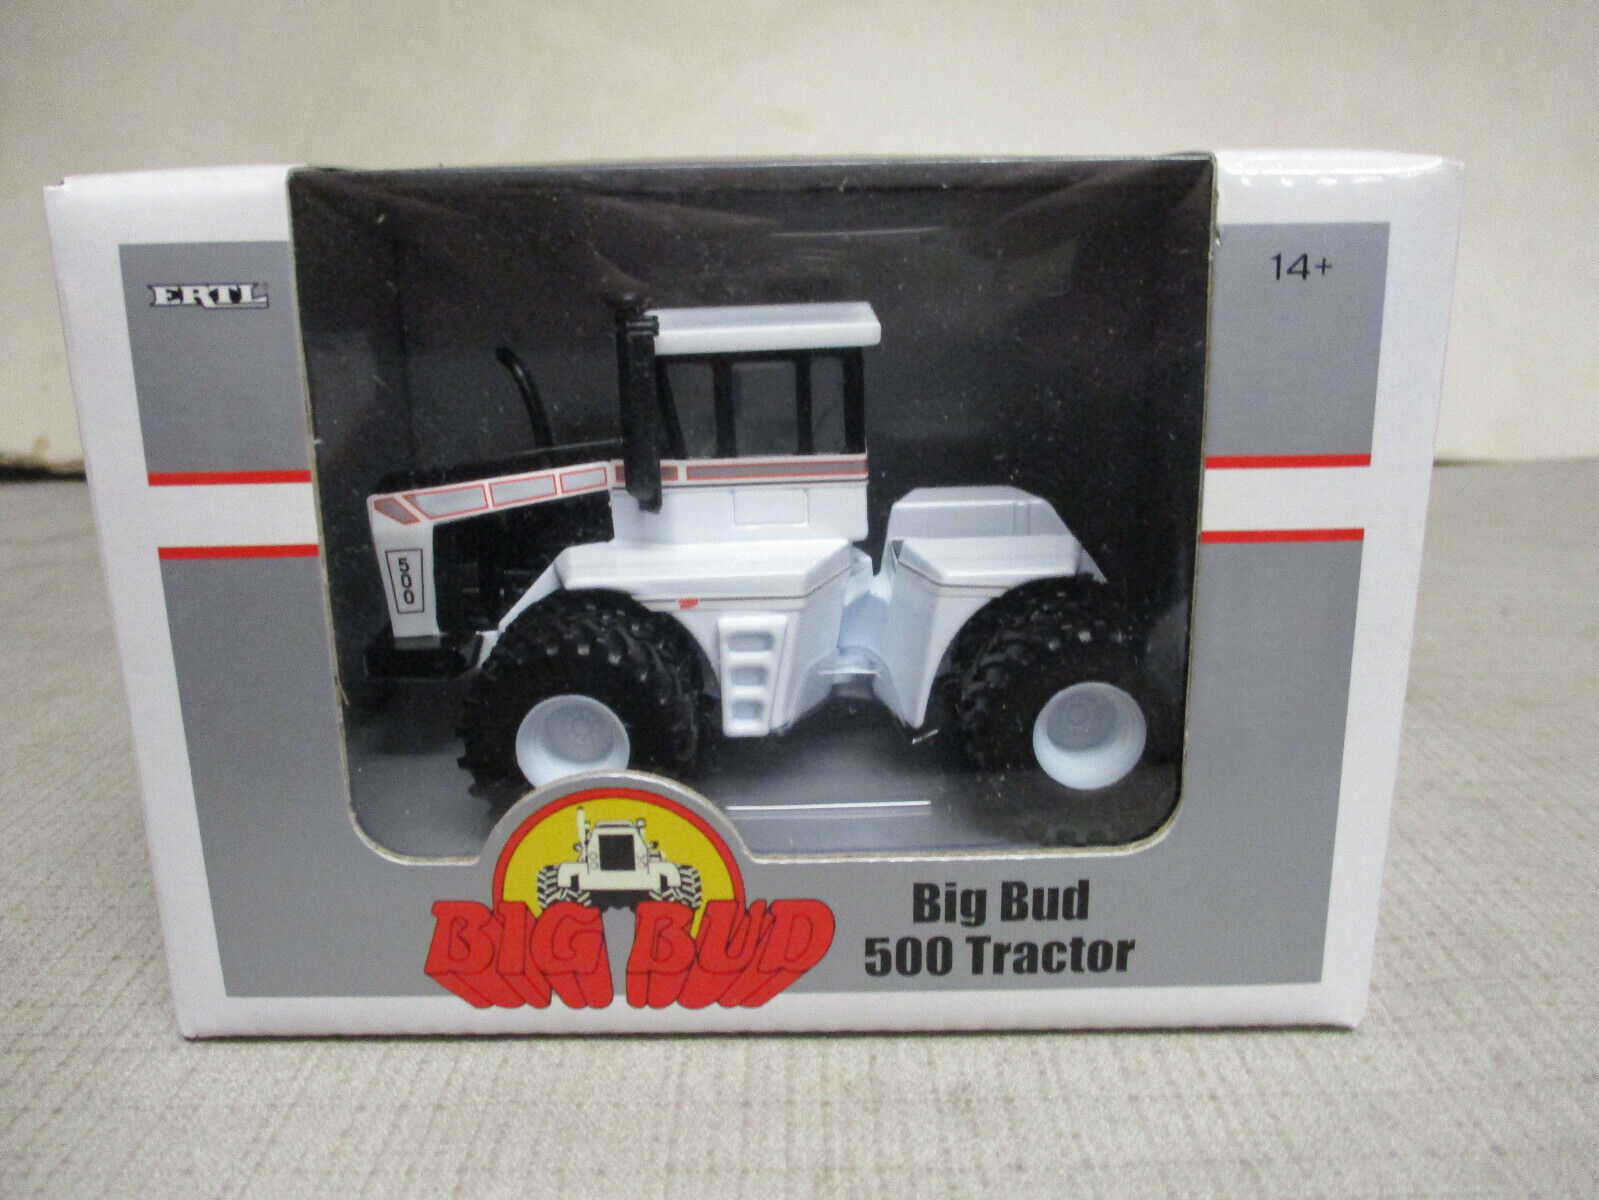 (2010) Big Bud Model 500 4WD Toy Tractor, 1/64 Scale, NIB